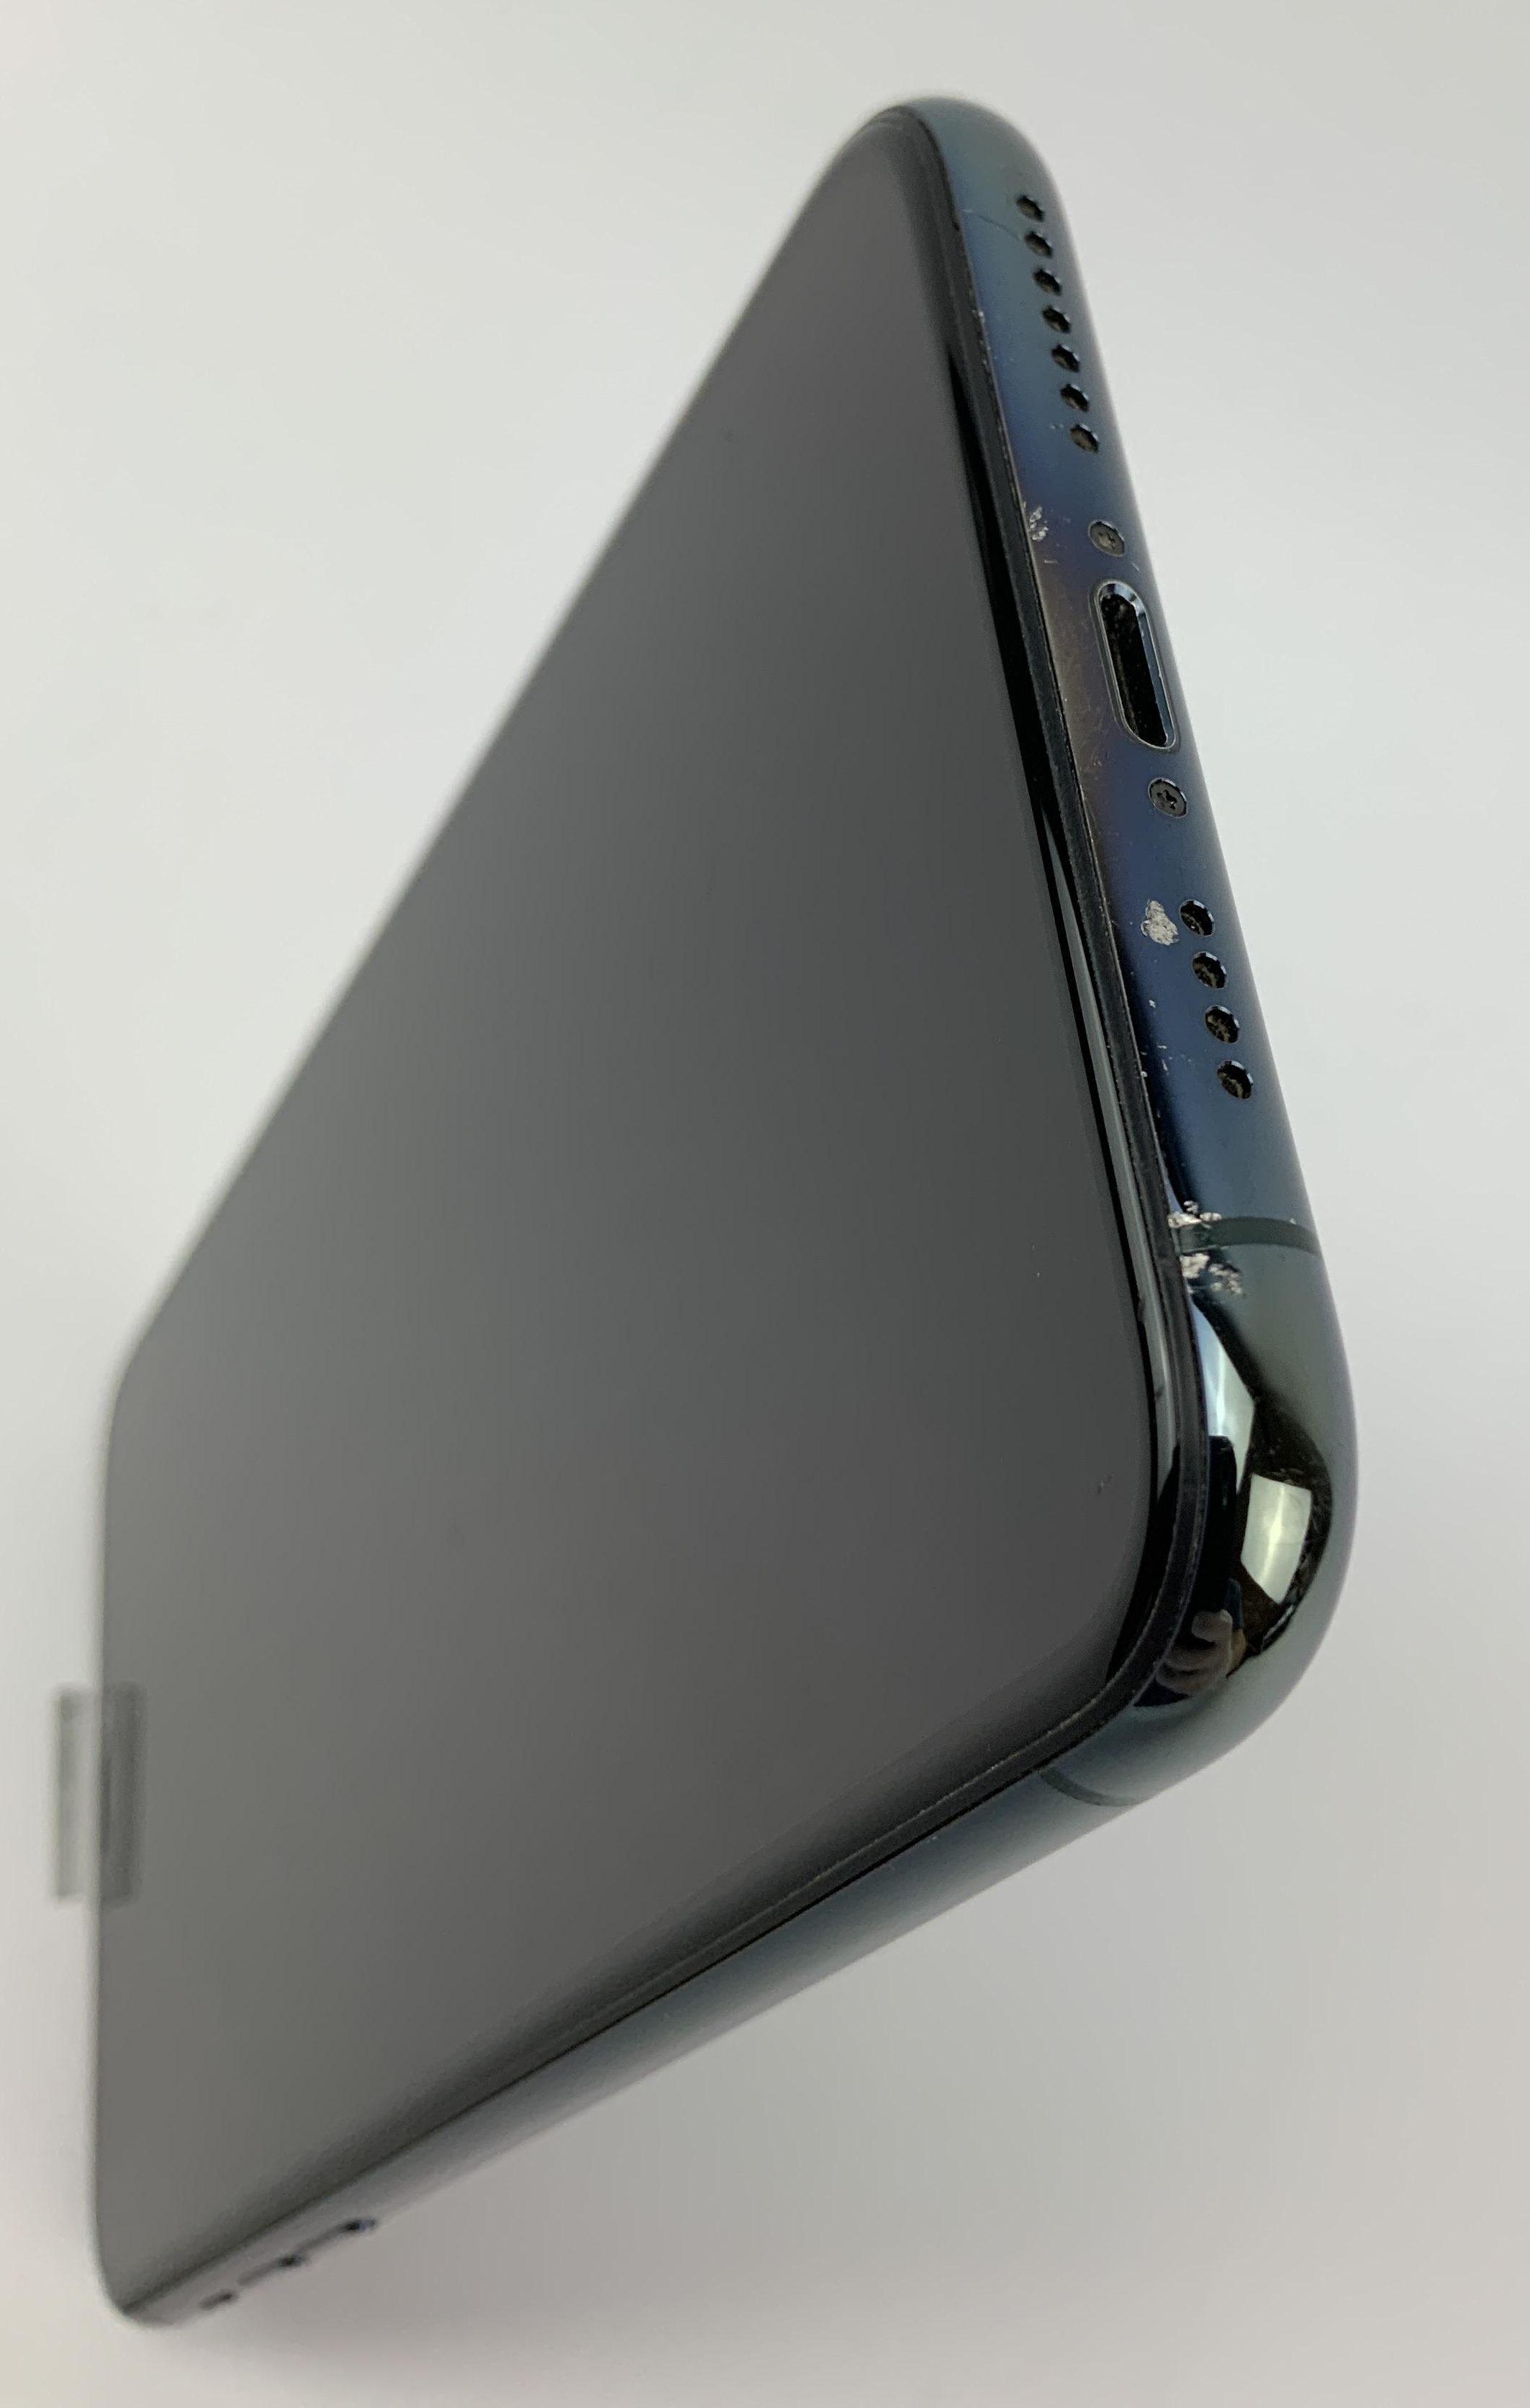 iPhone 11 Pro Max 256GB, 256GB, Midnight Green, Kuva 3